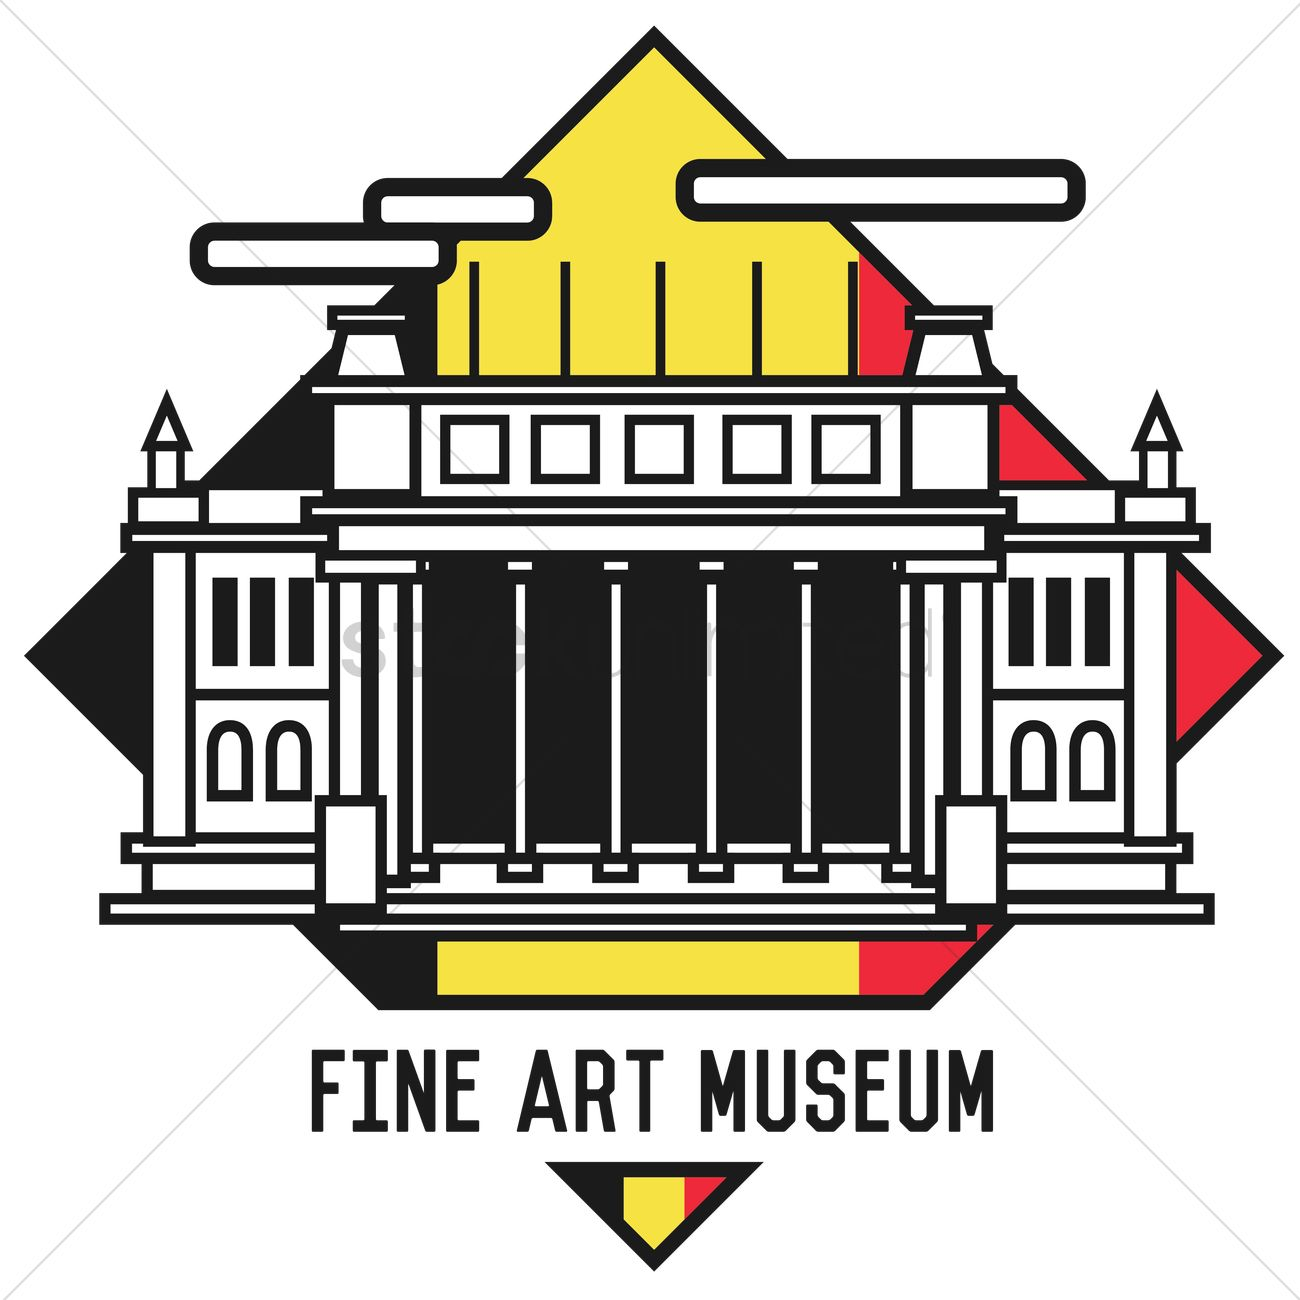 Fine art museum Vector Image.